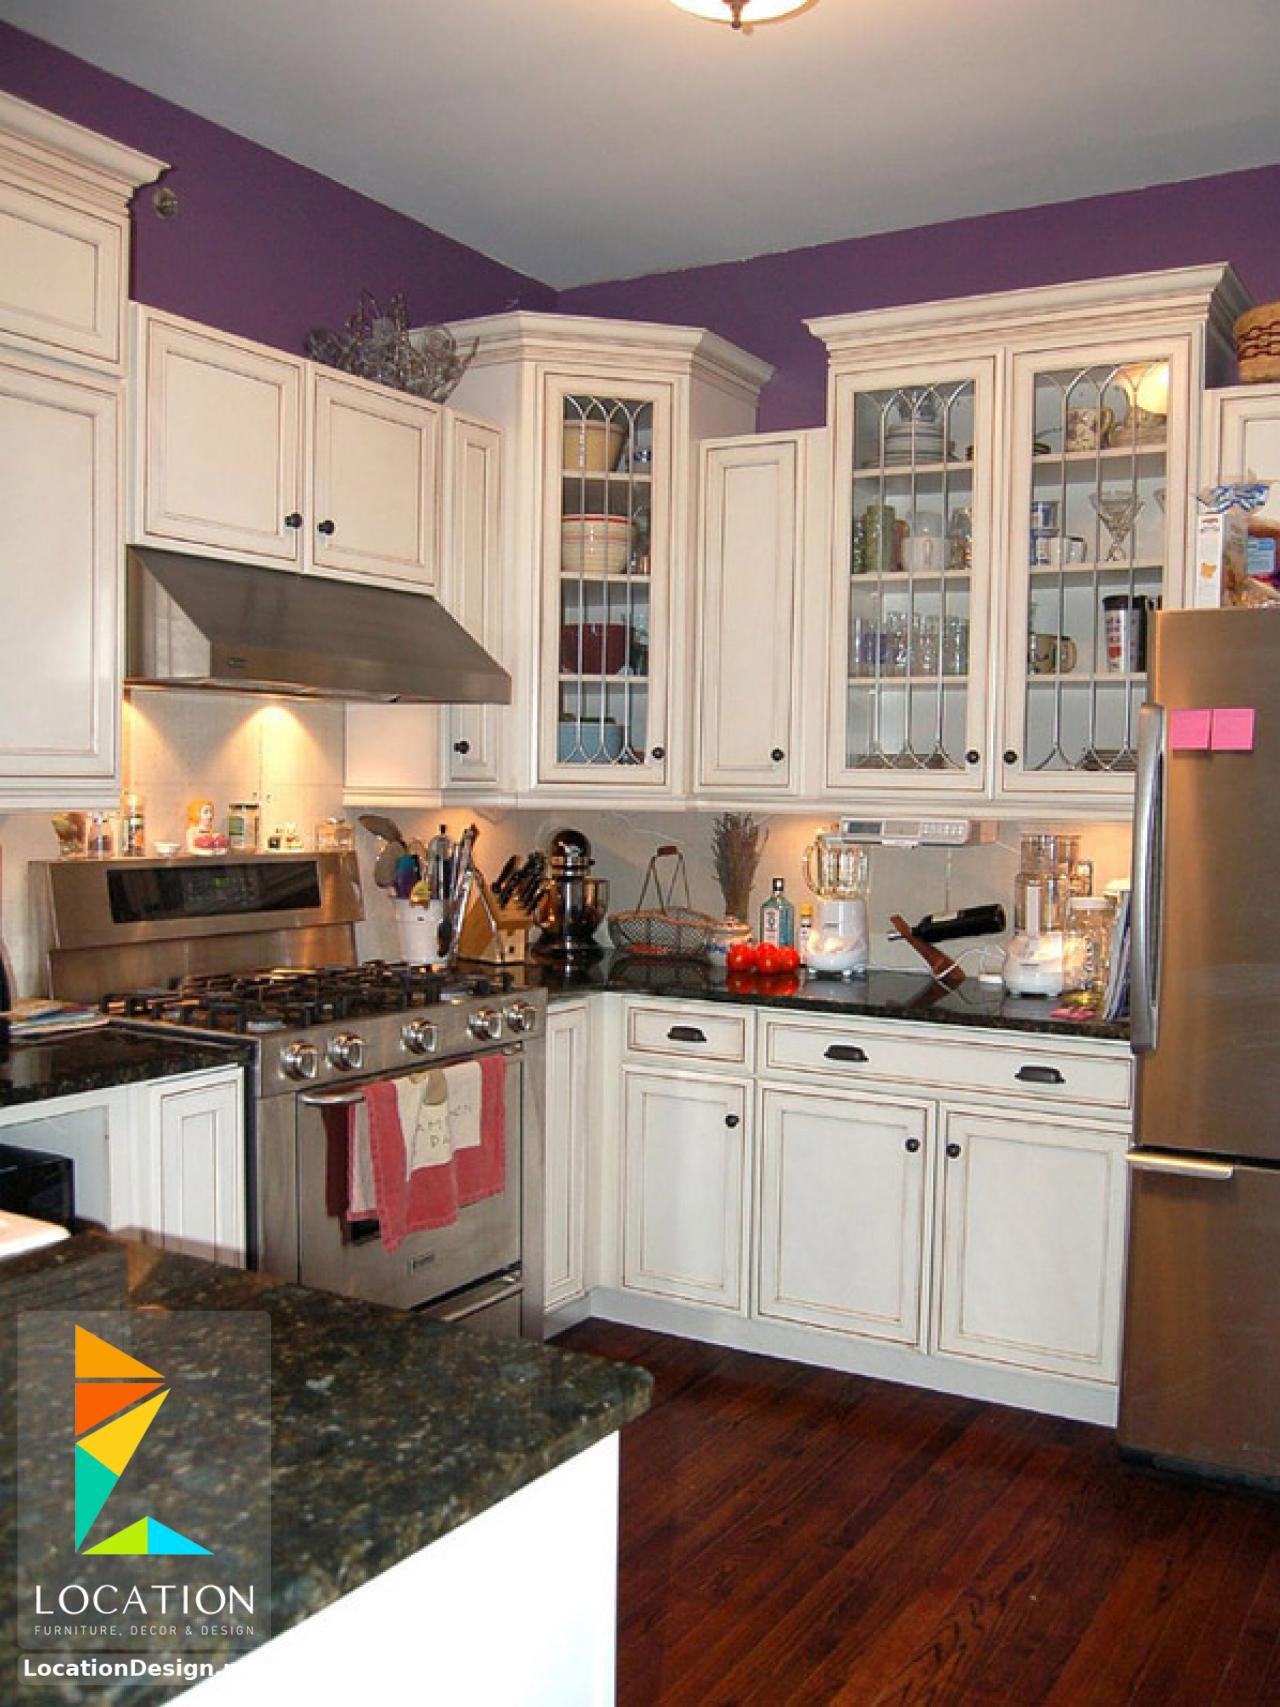 بالصور تصميم مطابخ صغيرة , اجمل ديكور لمطبخ للاماكن الصغيرة